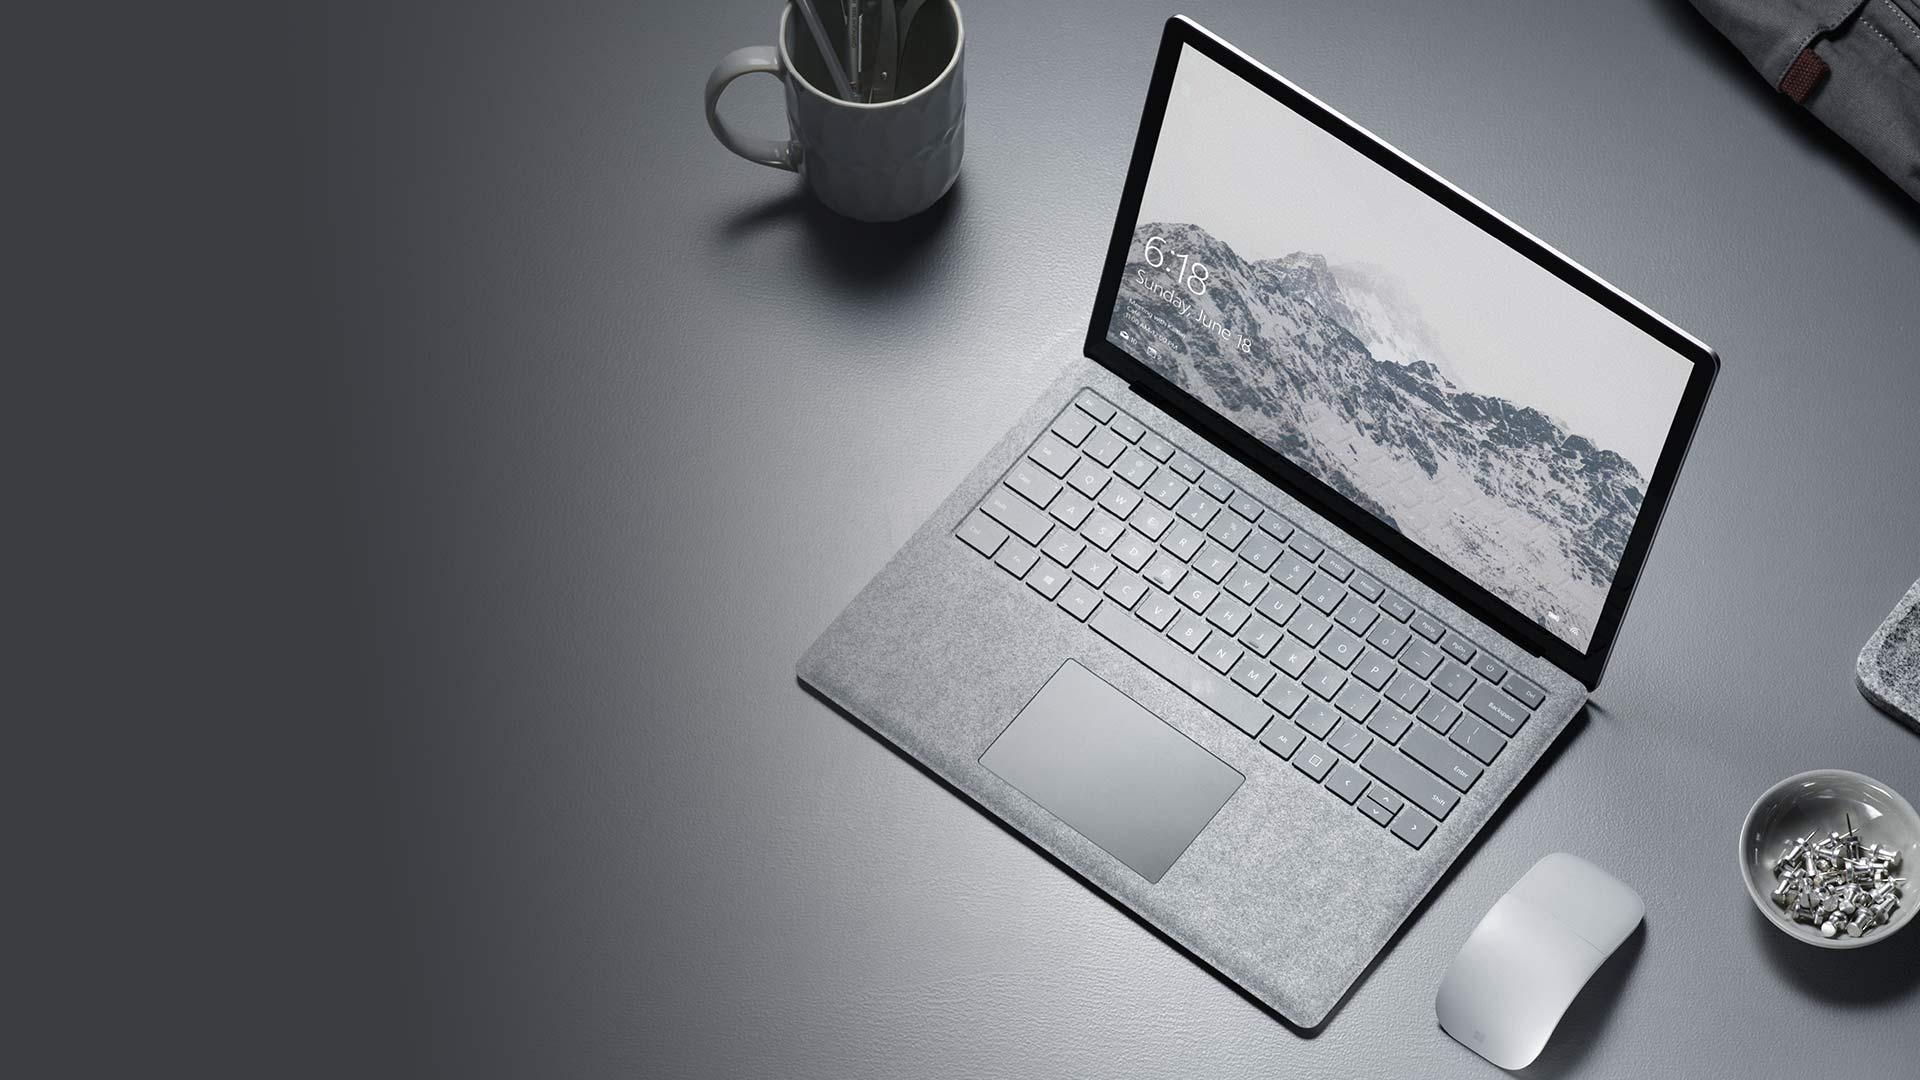 Surface Laptop no modo de secretária